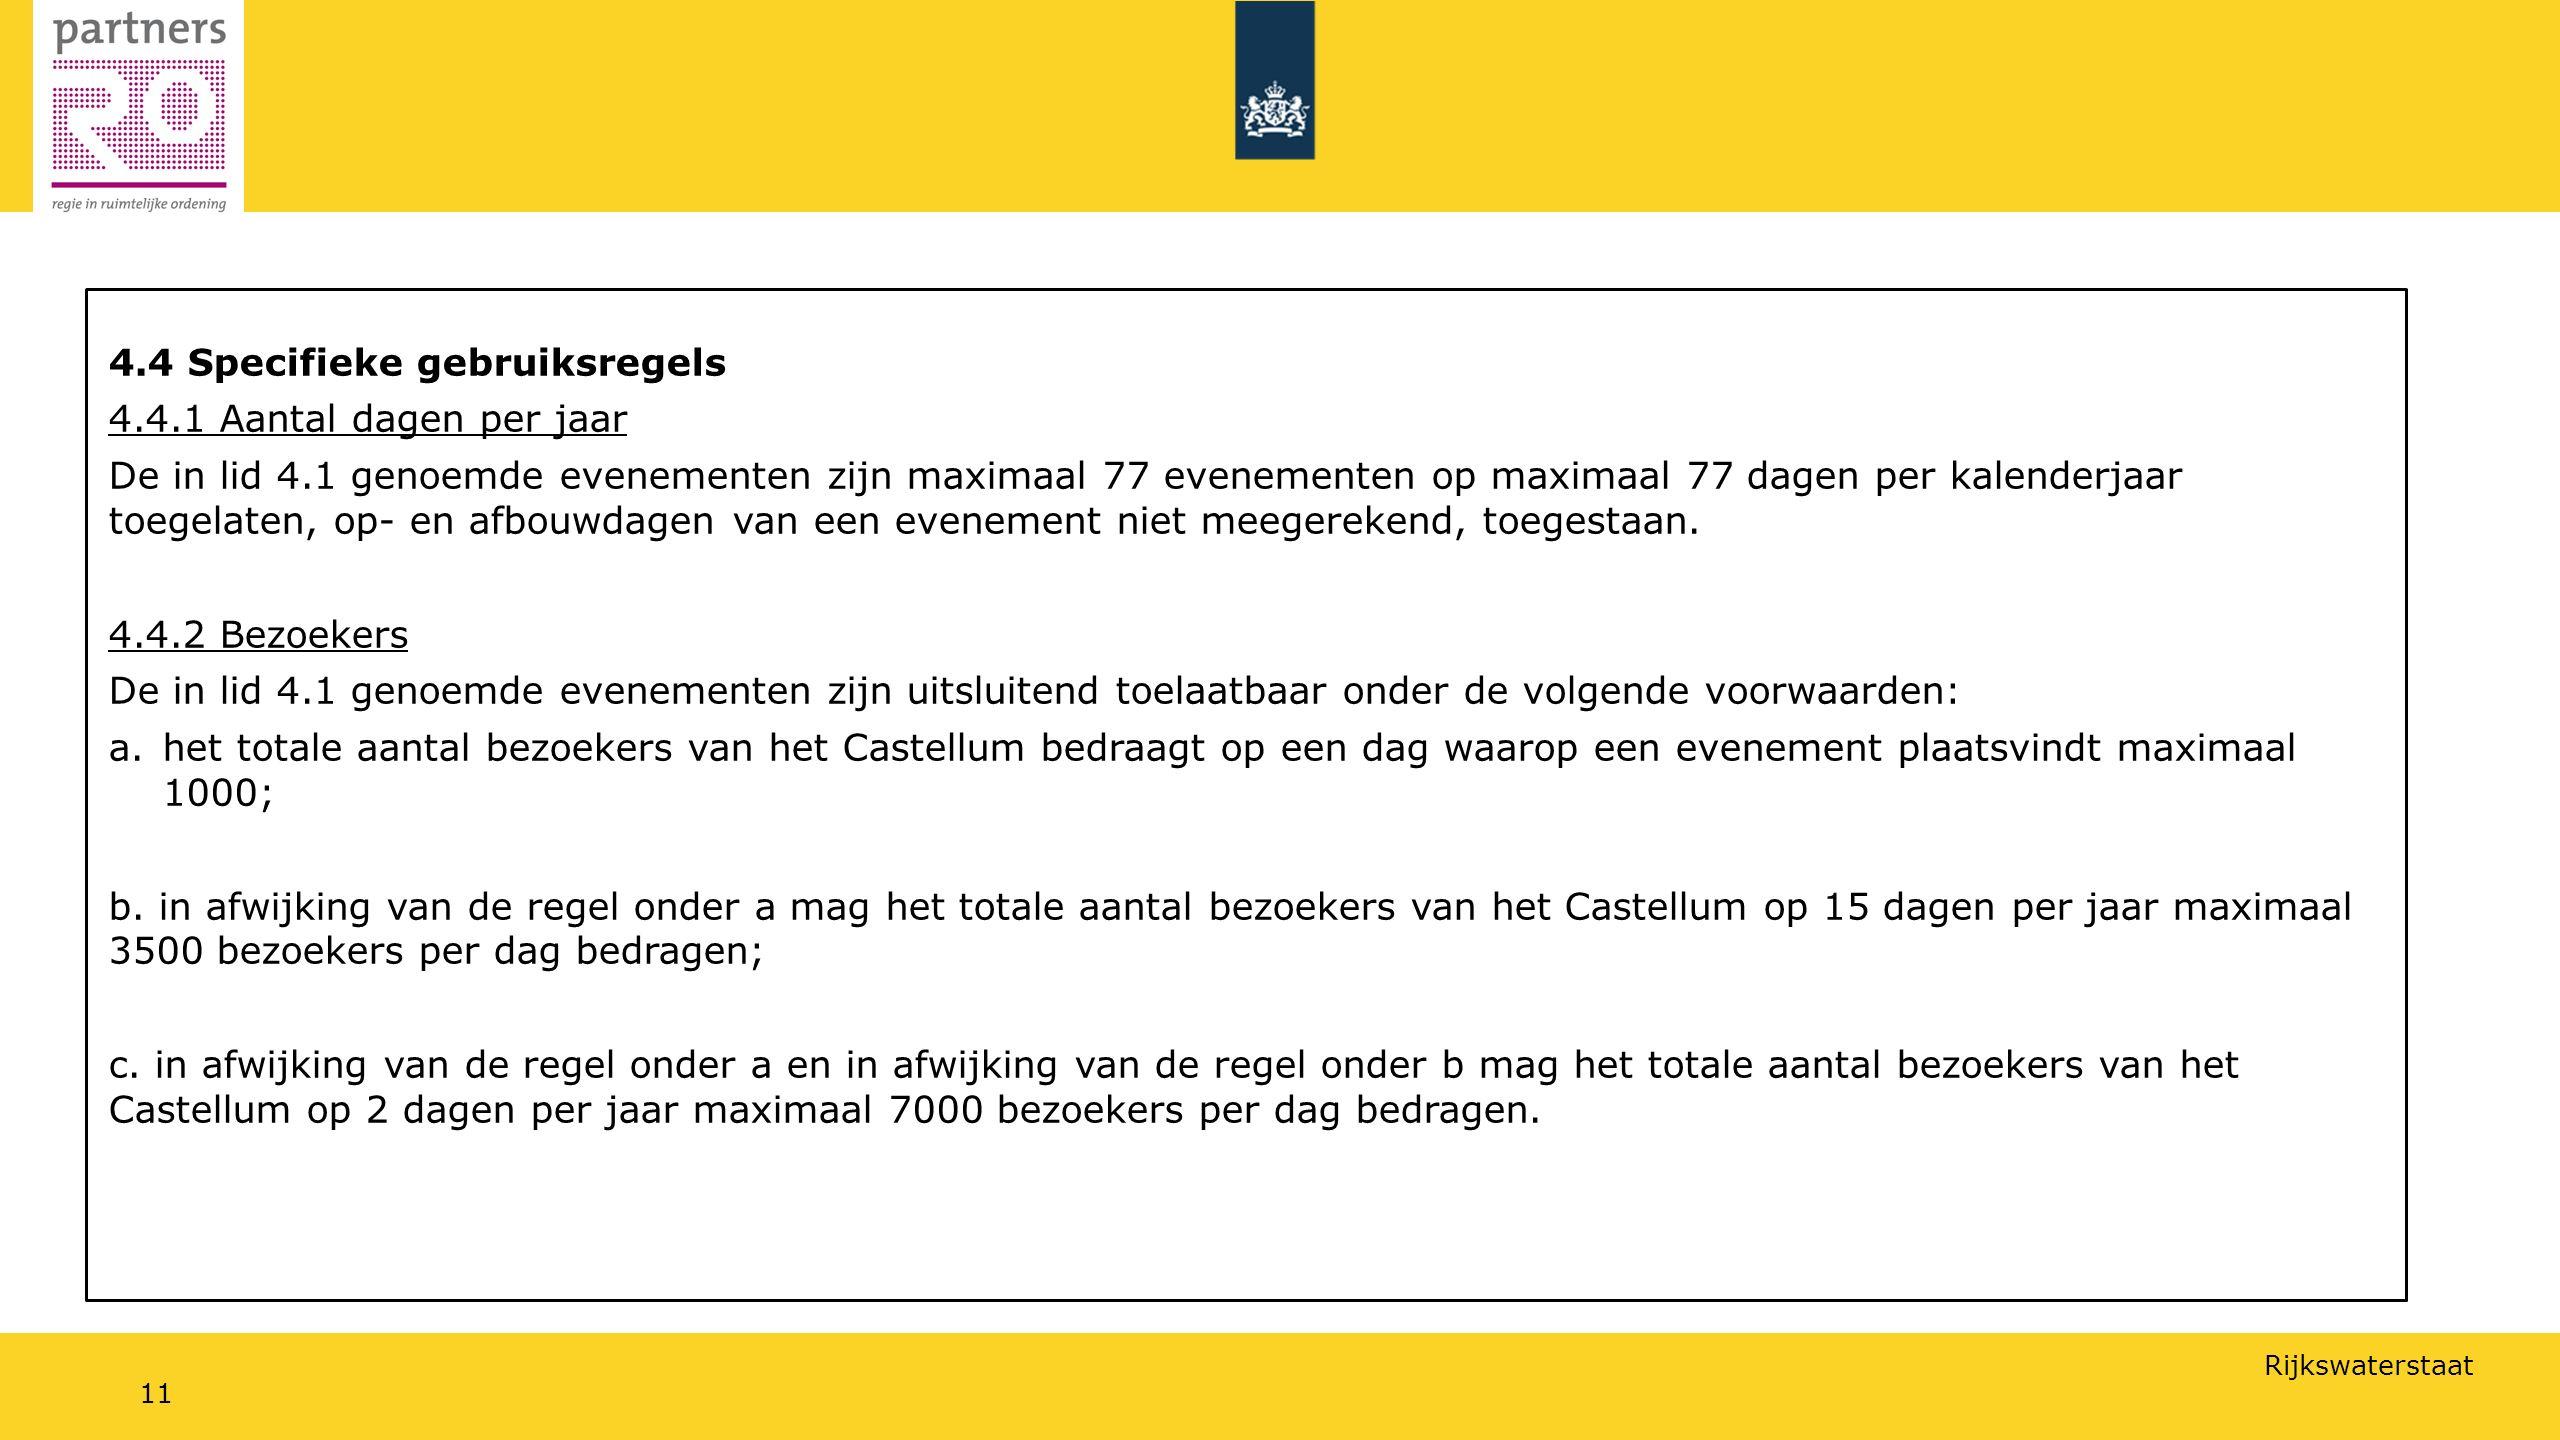 Rijkswaterstaat 11 4.4 Specifieke gebruiksregels 4.4.1 Aantal dagen per jaar De in lid 4.1 genoemde evenementen zijn maximaal 77 evenementen op maximaal 77 dagen per kalenderjaar toegelaten, op- en afbouwdagen van een evenement niet meegerekend, toegestaan.